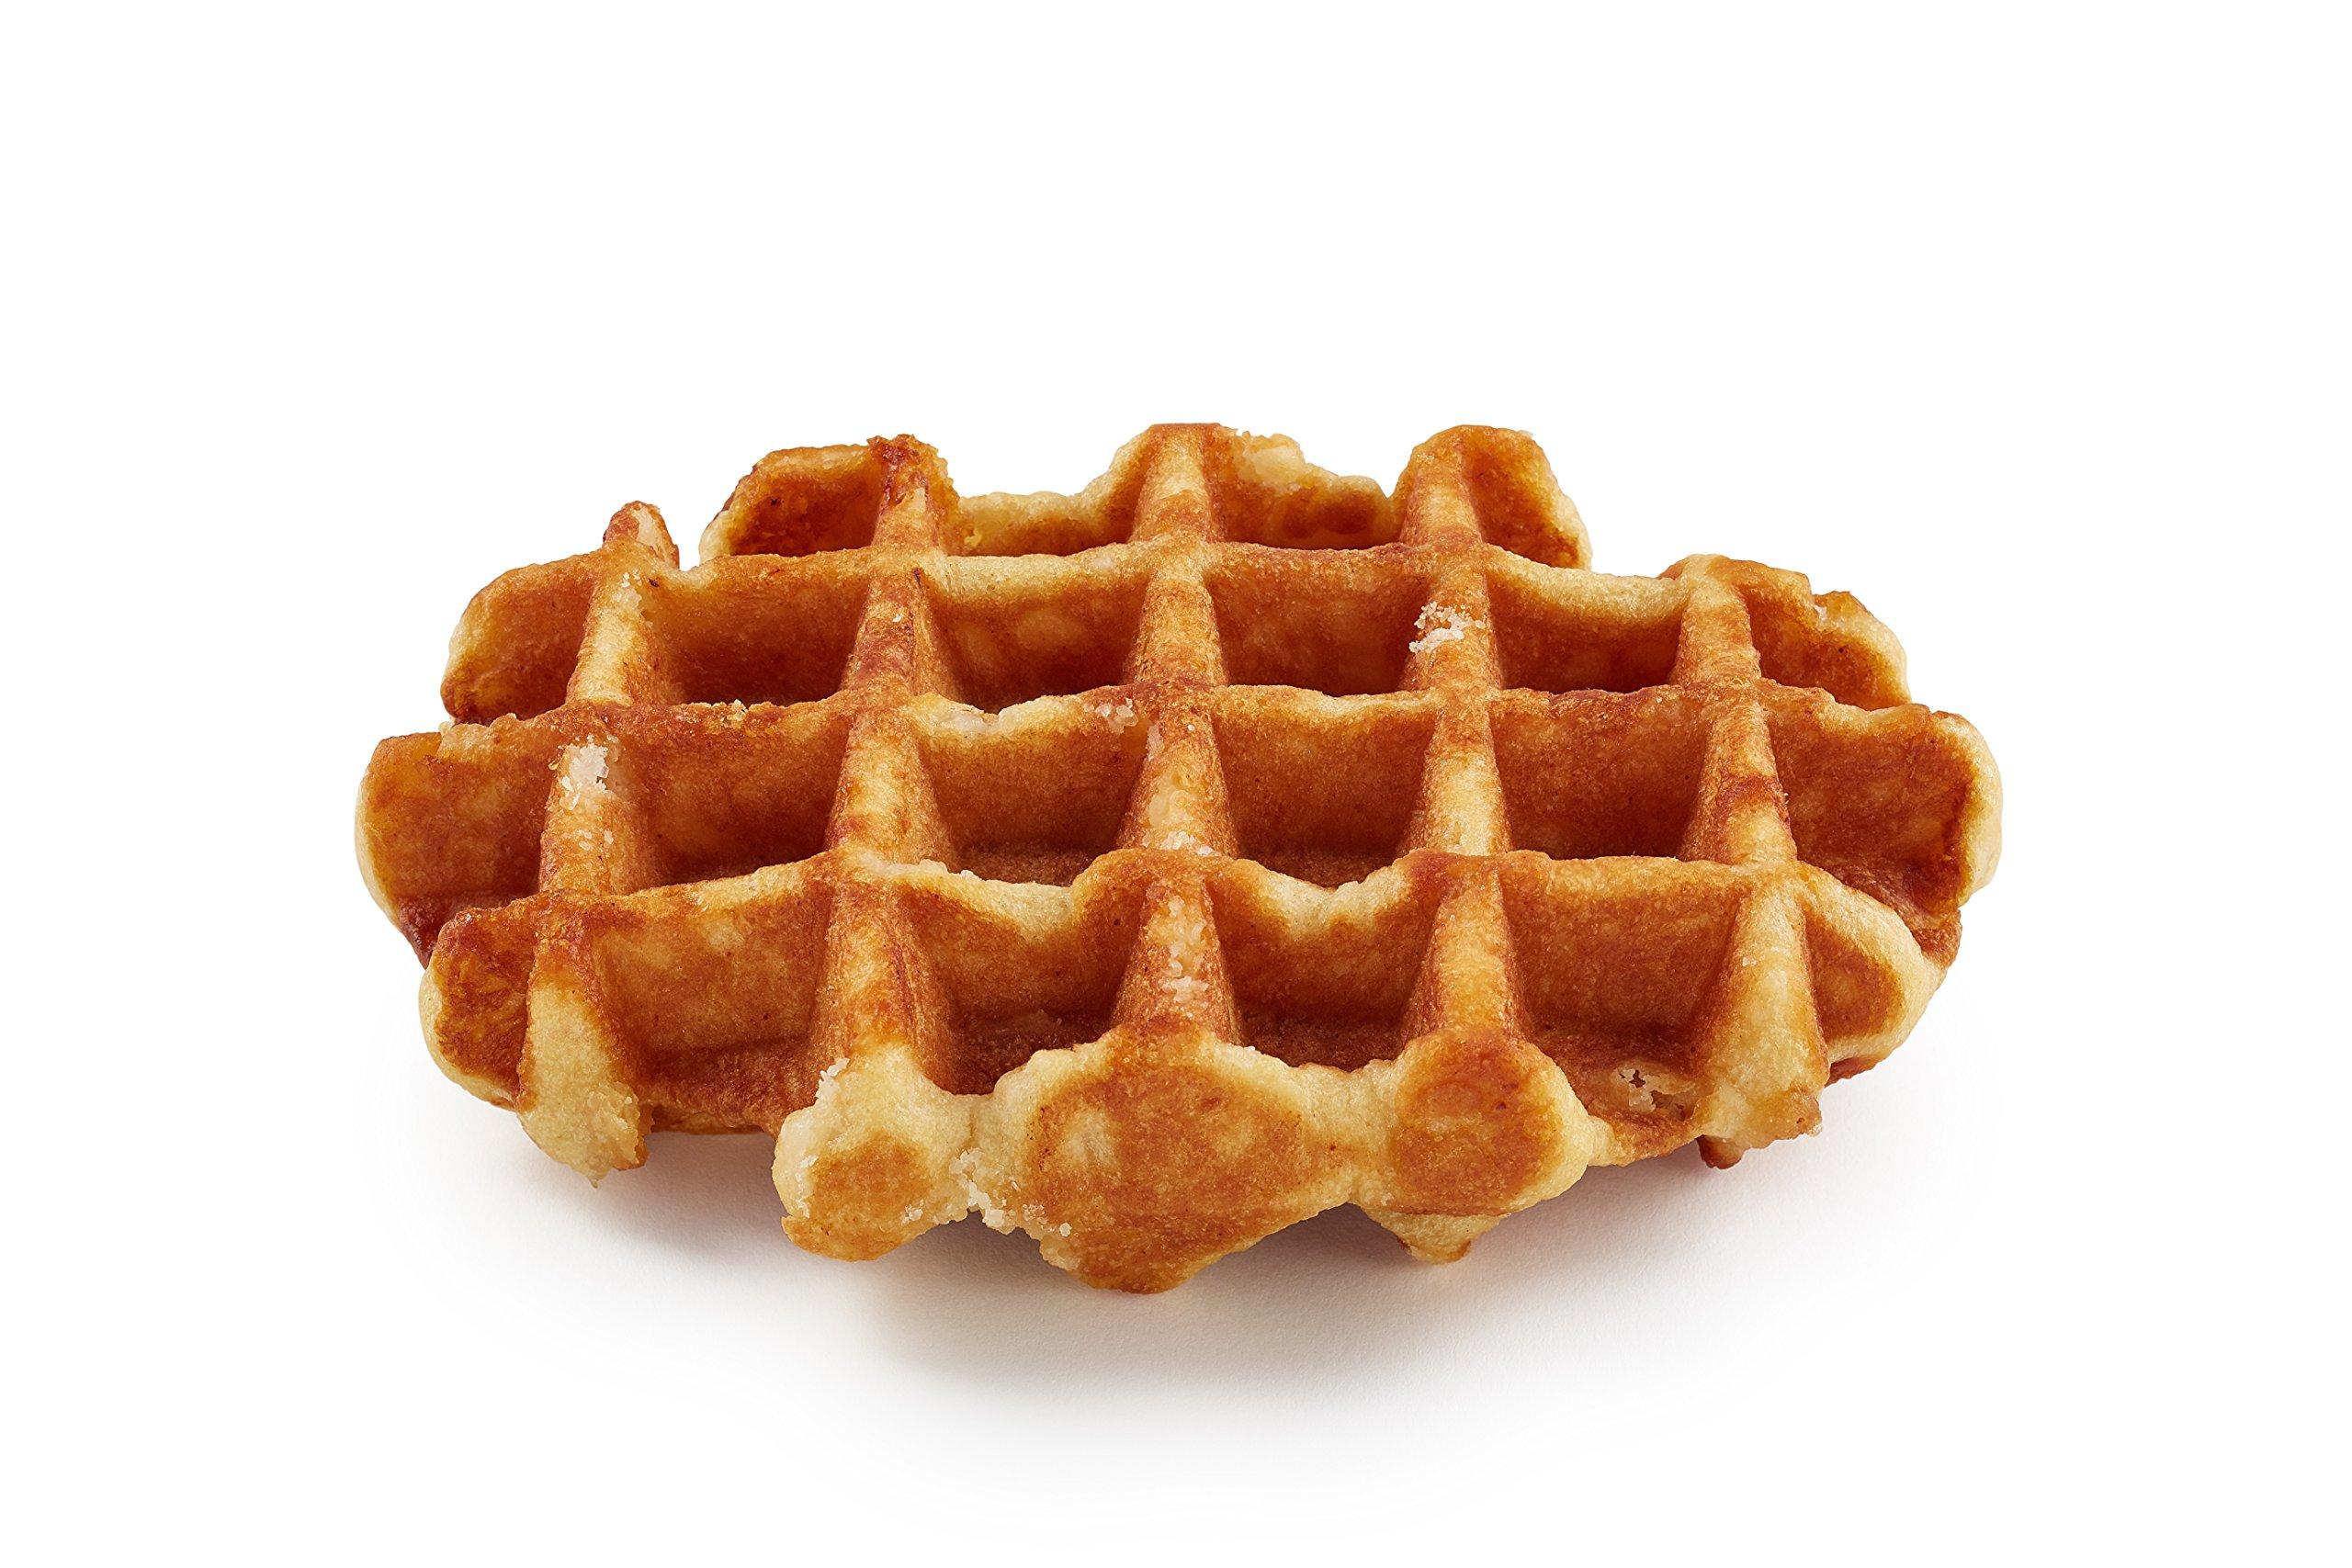 Avieta Pearl Sugar Waffles, 3.17 oz., (40 per case)